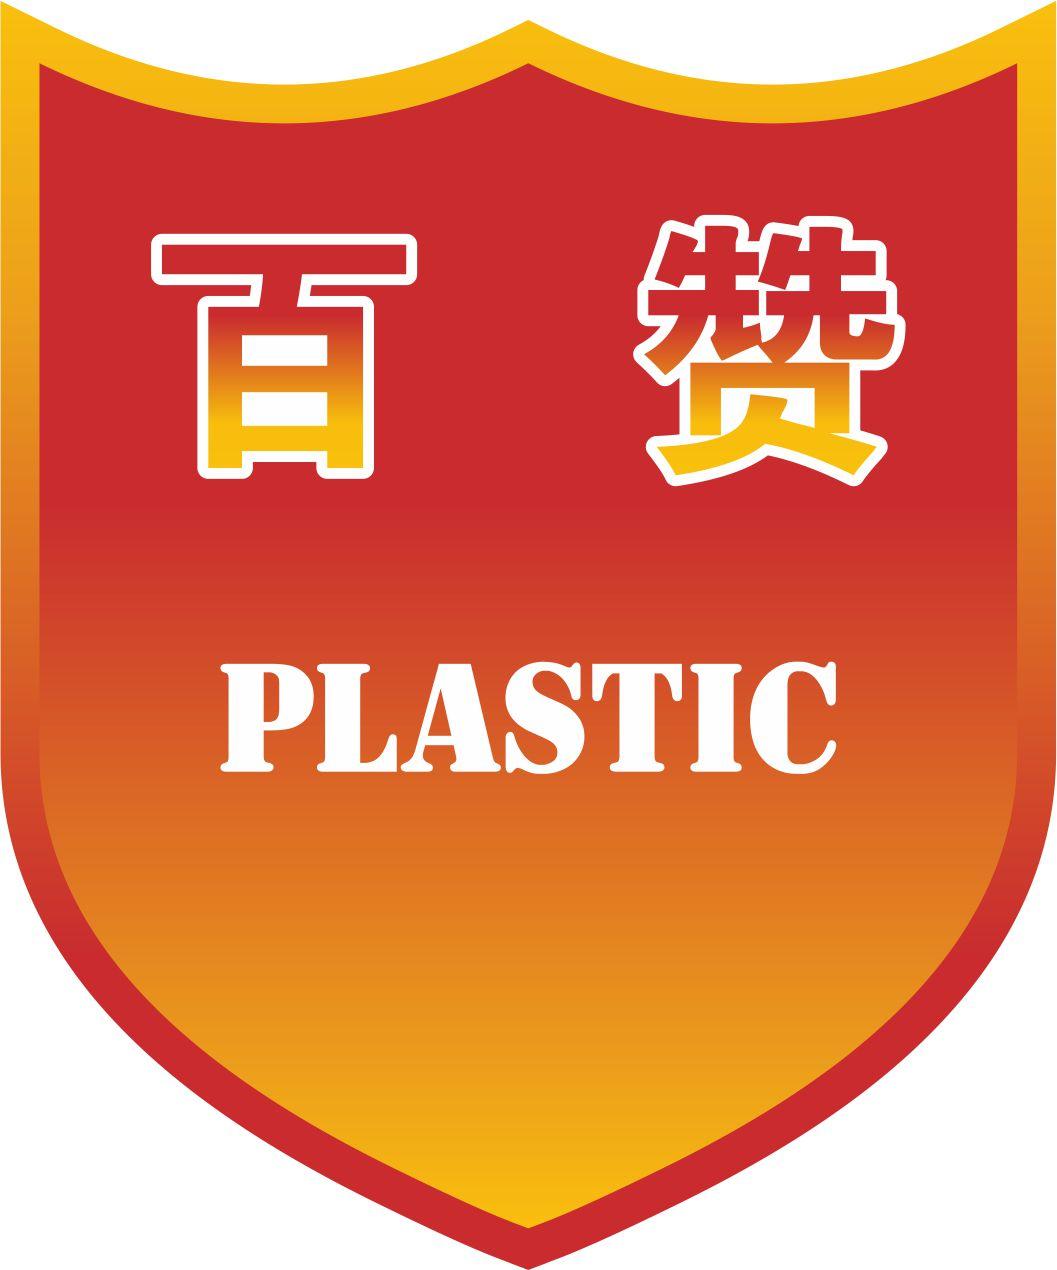 天臺縣百贊塑膠有限公司